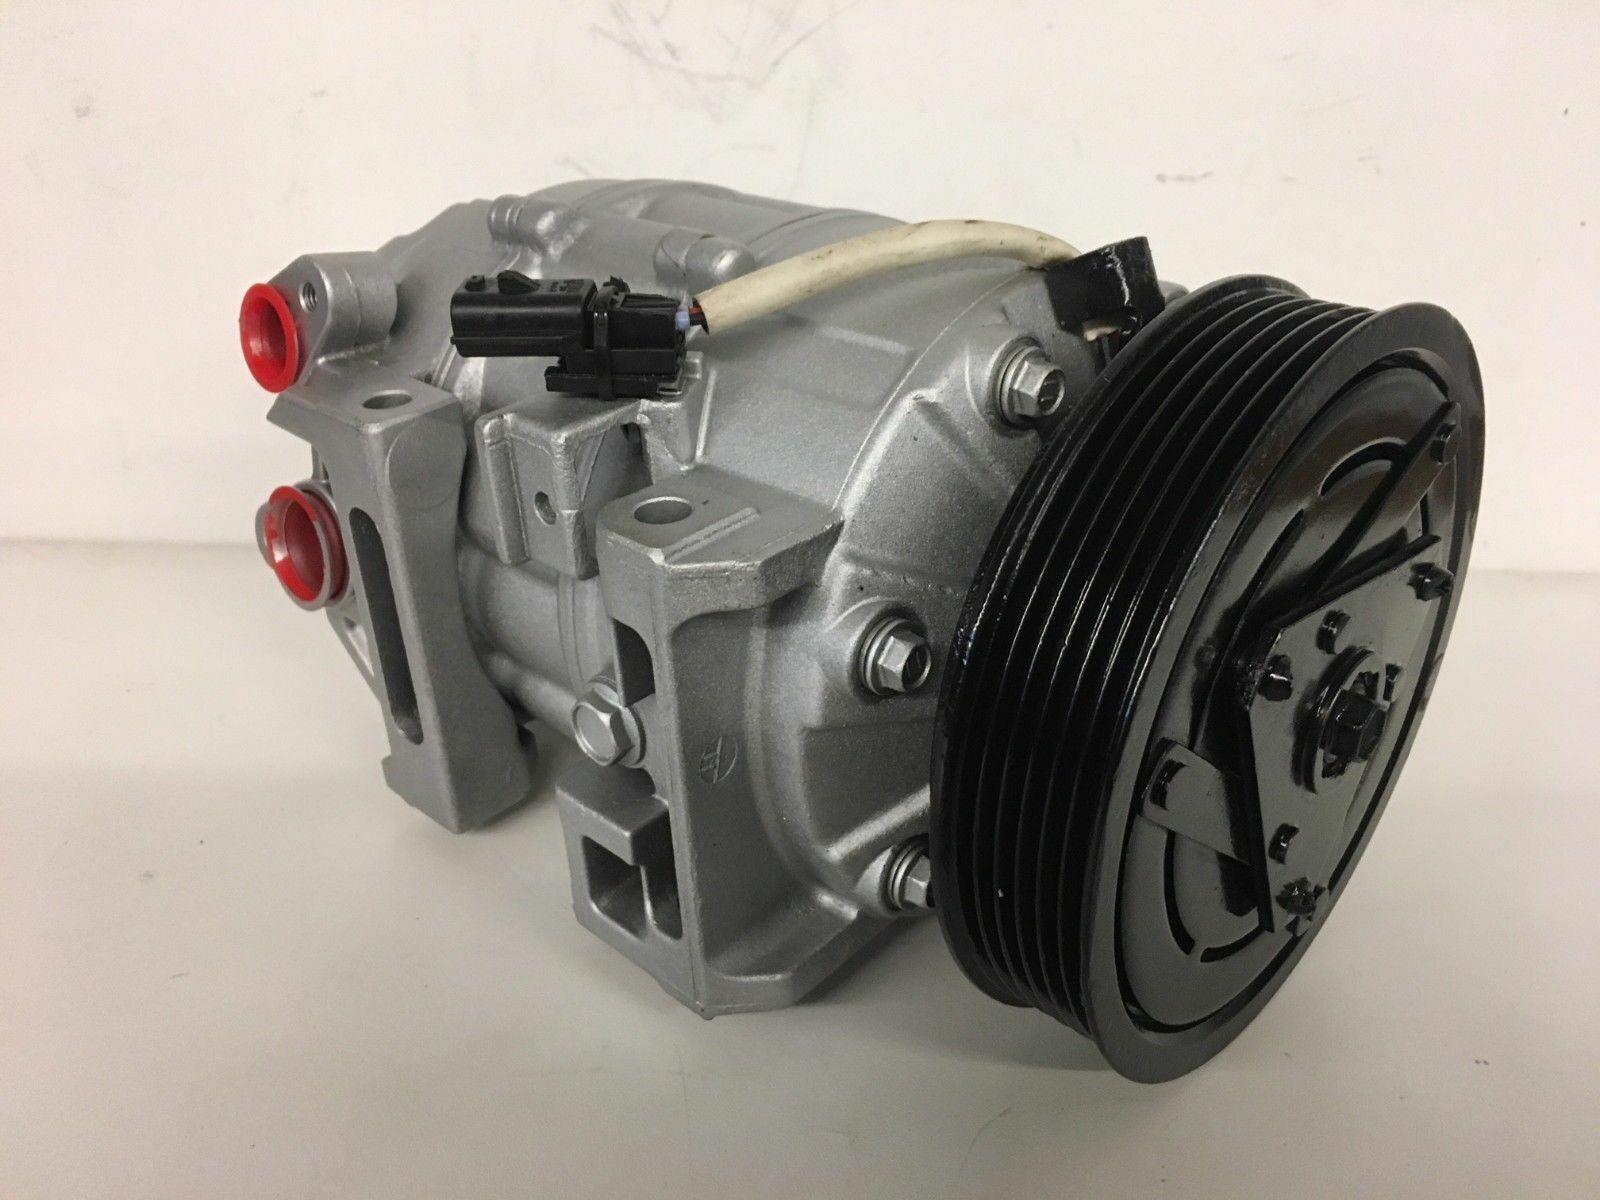 Reman 682-50174 AC Compressor 2007-2013 fits Nissan Altima 1 Yr Warranty